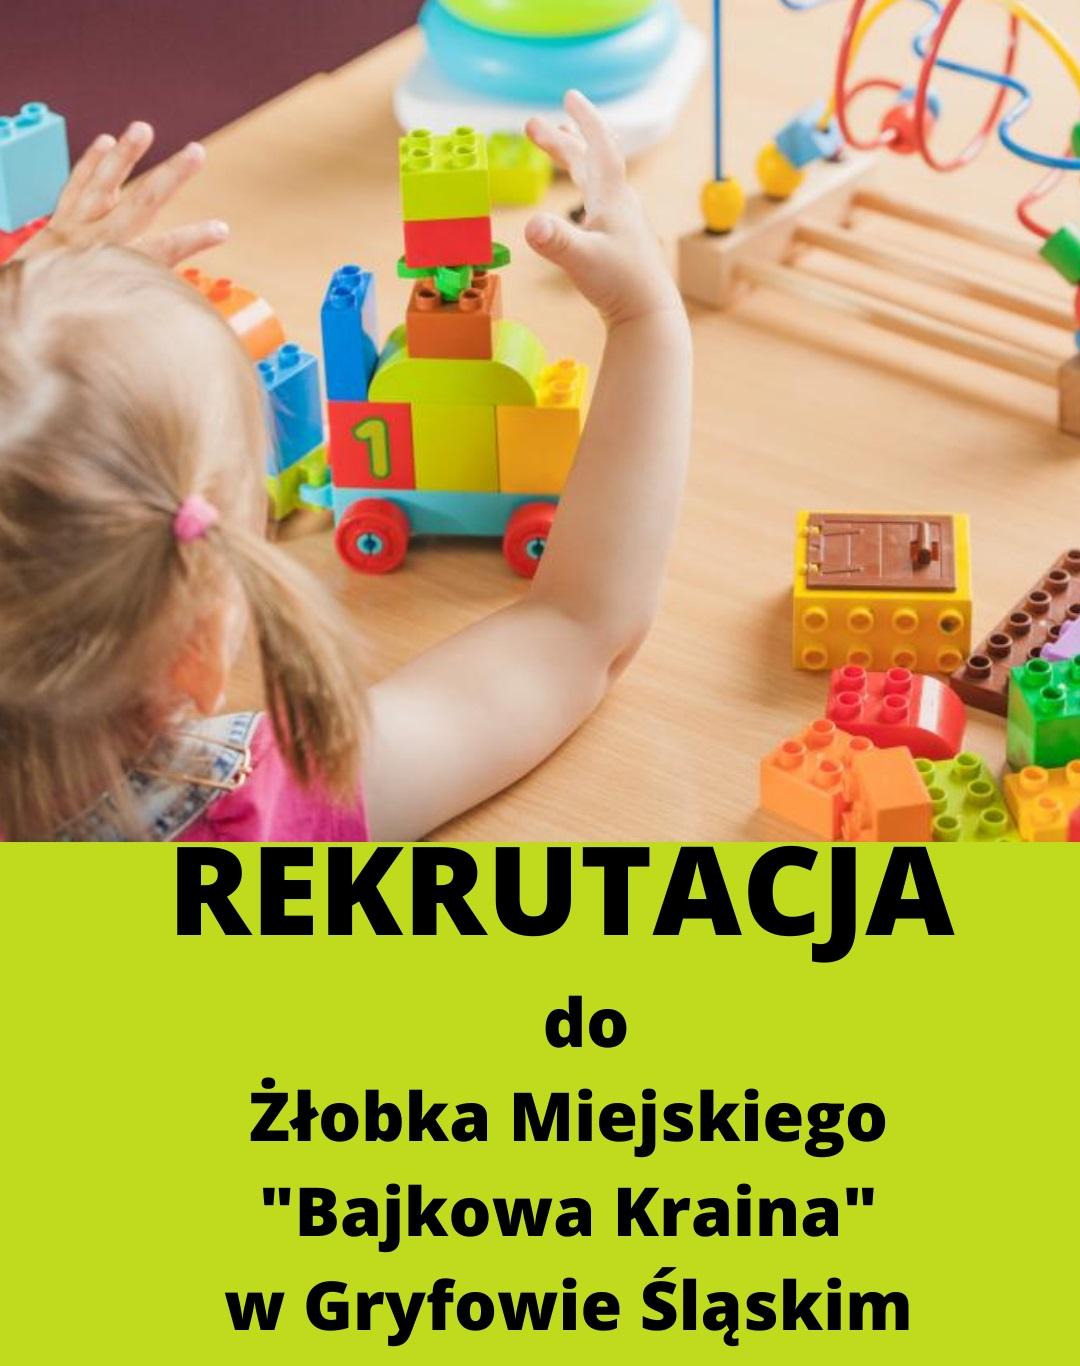 """Rekrutacja do Żłobka Miejskiego """"Bajkowa Kraina"""" w Gryfowie Śląskim"""